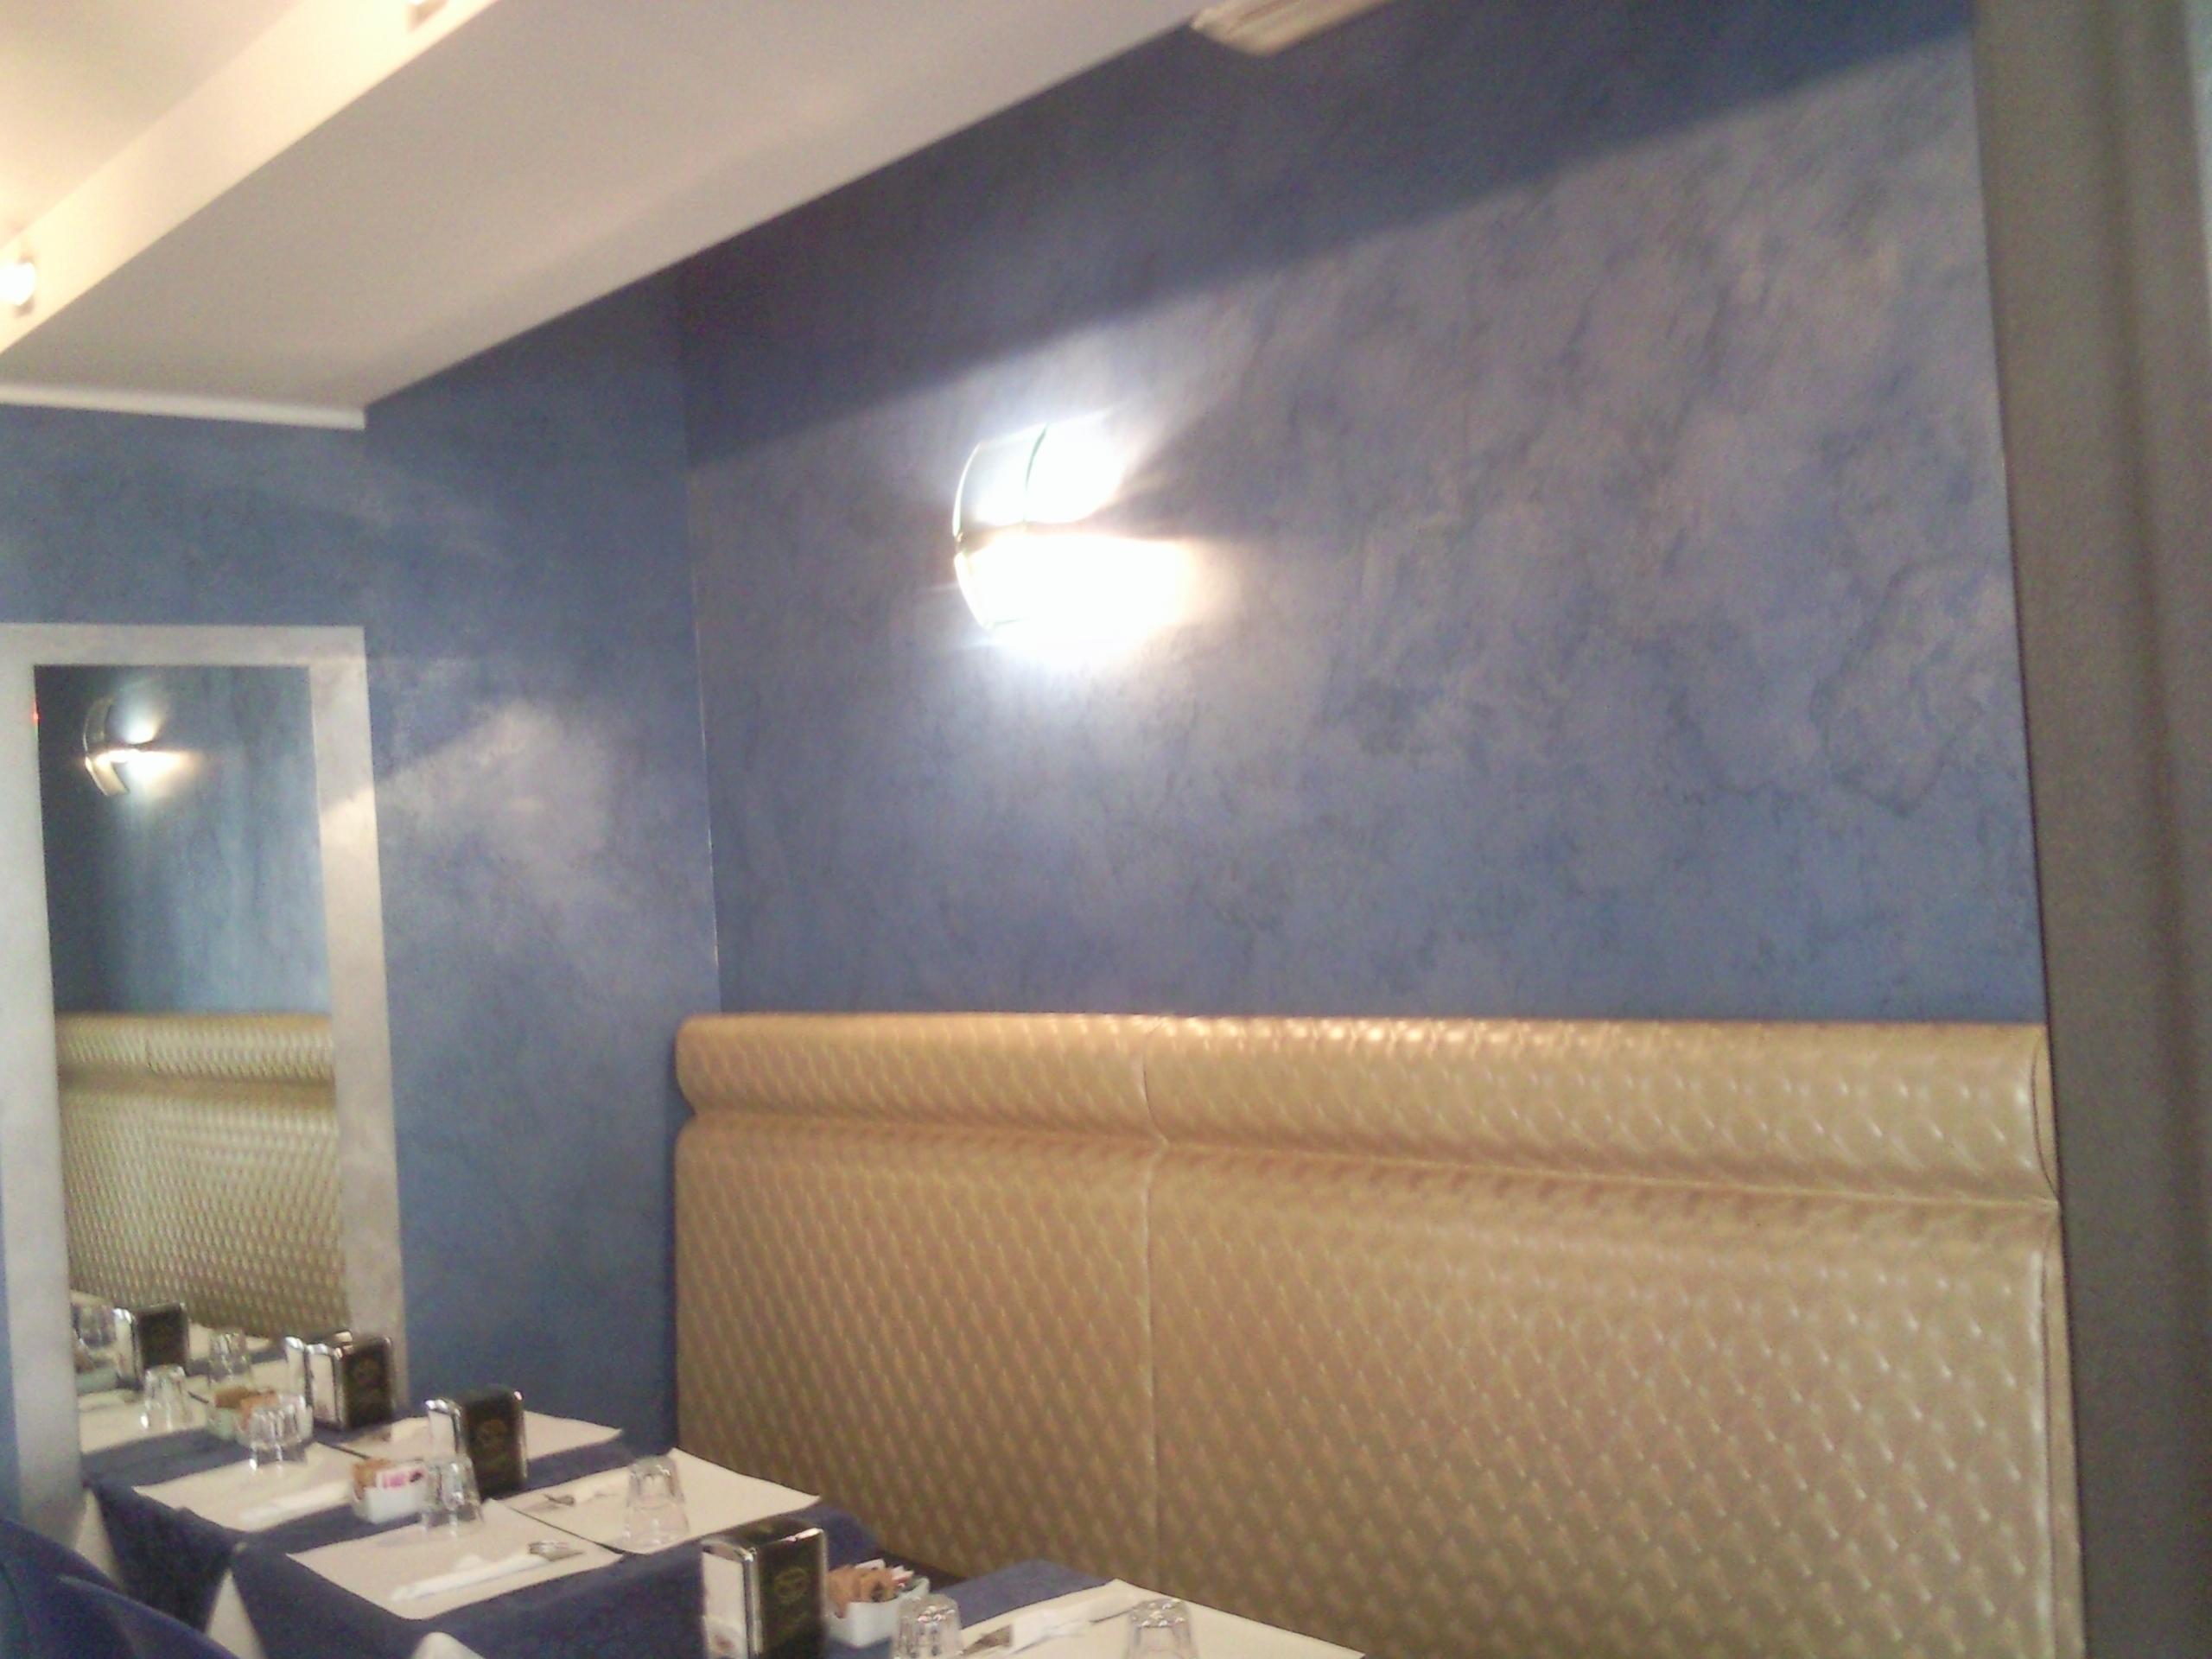 Excellent decorazioni pareti interne casa disegni per for Adesivi per pareti interne